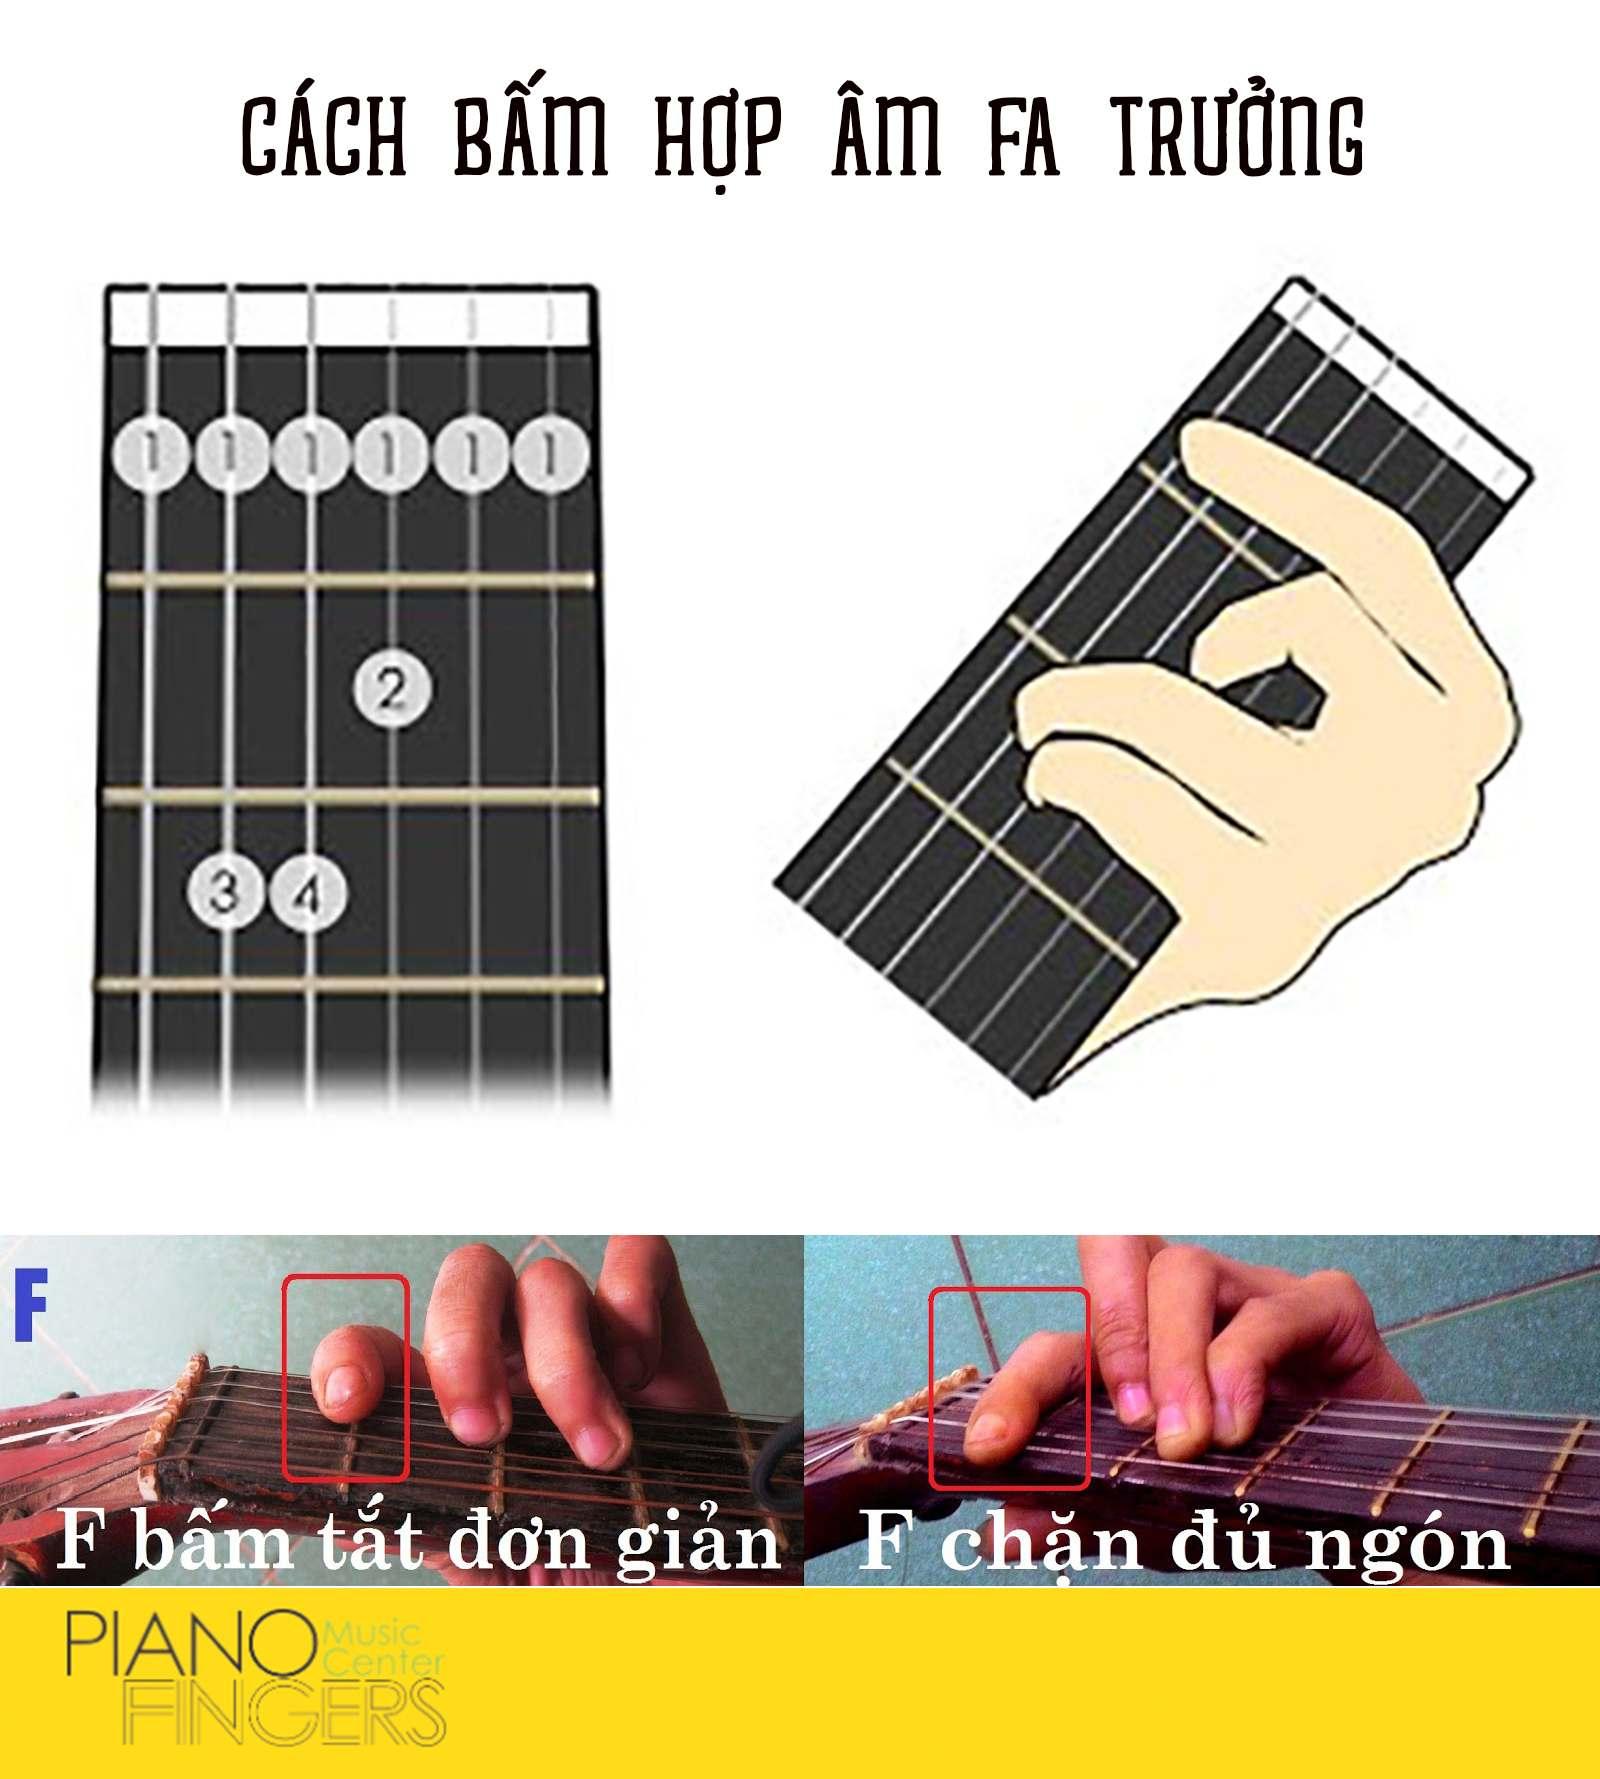 hop-am-fa-truong-2-kieu-bam